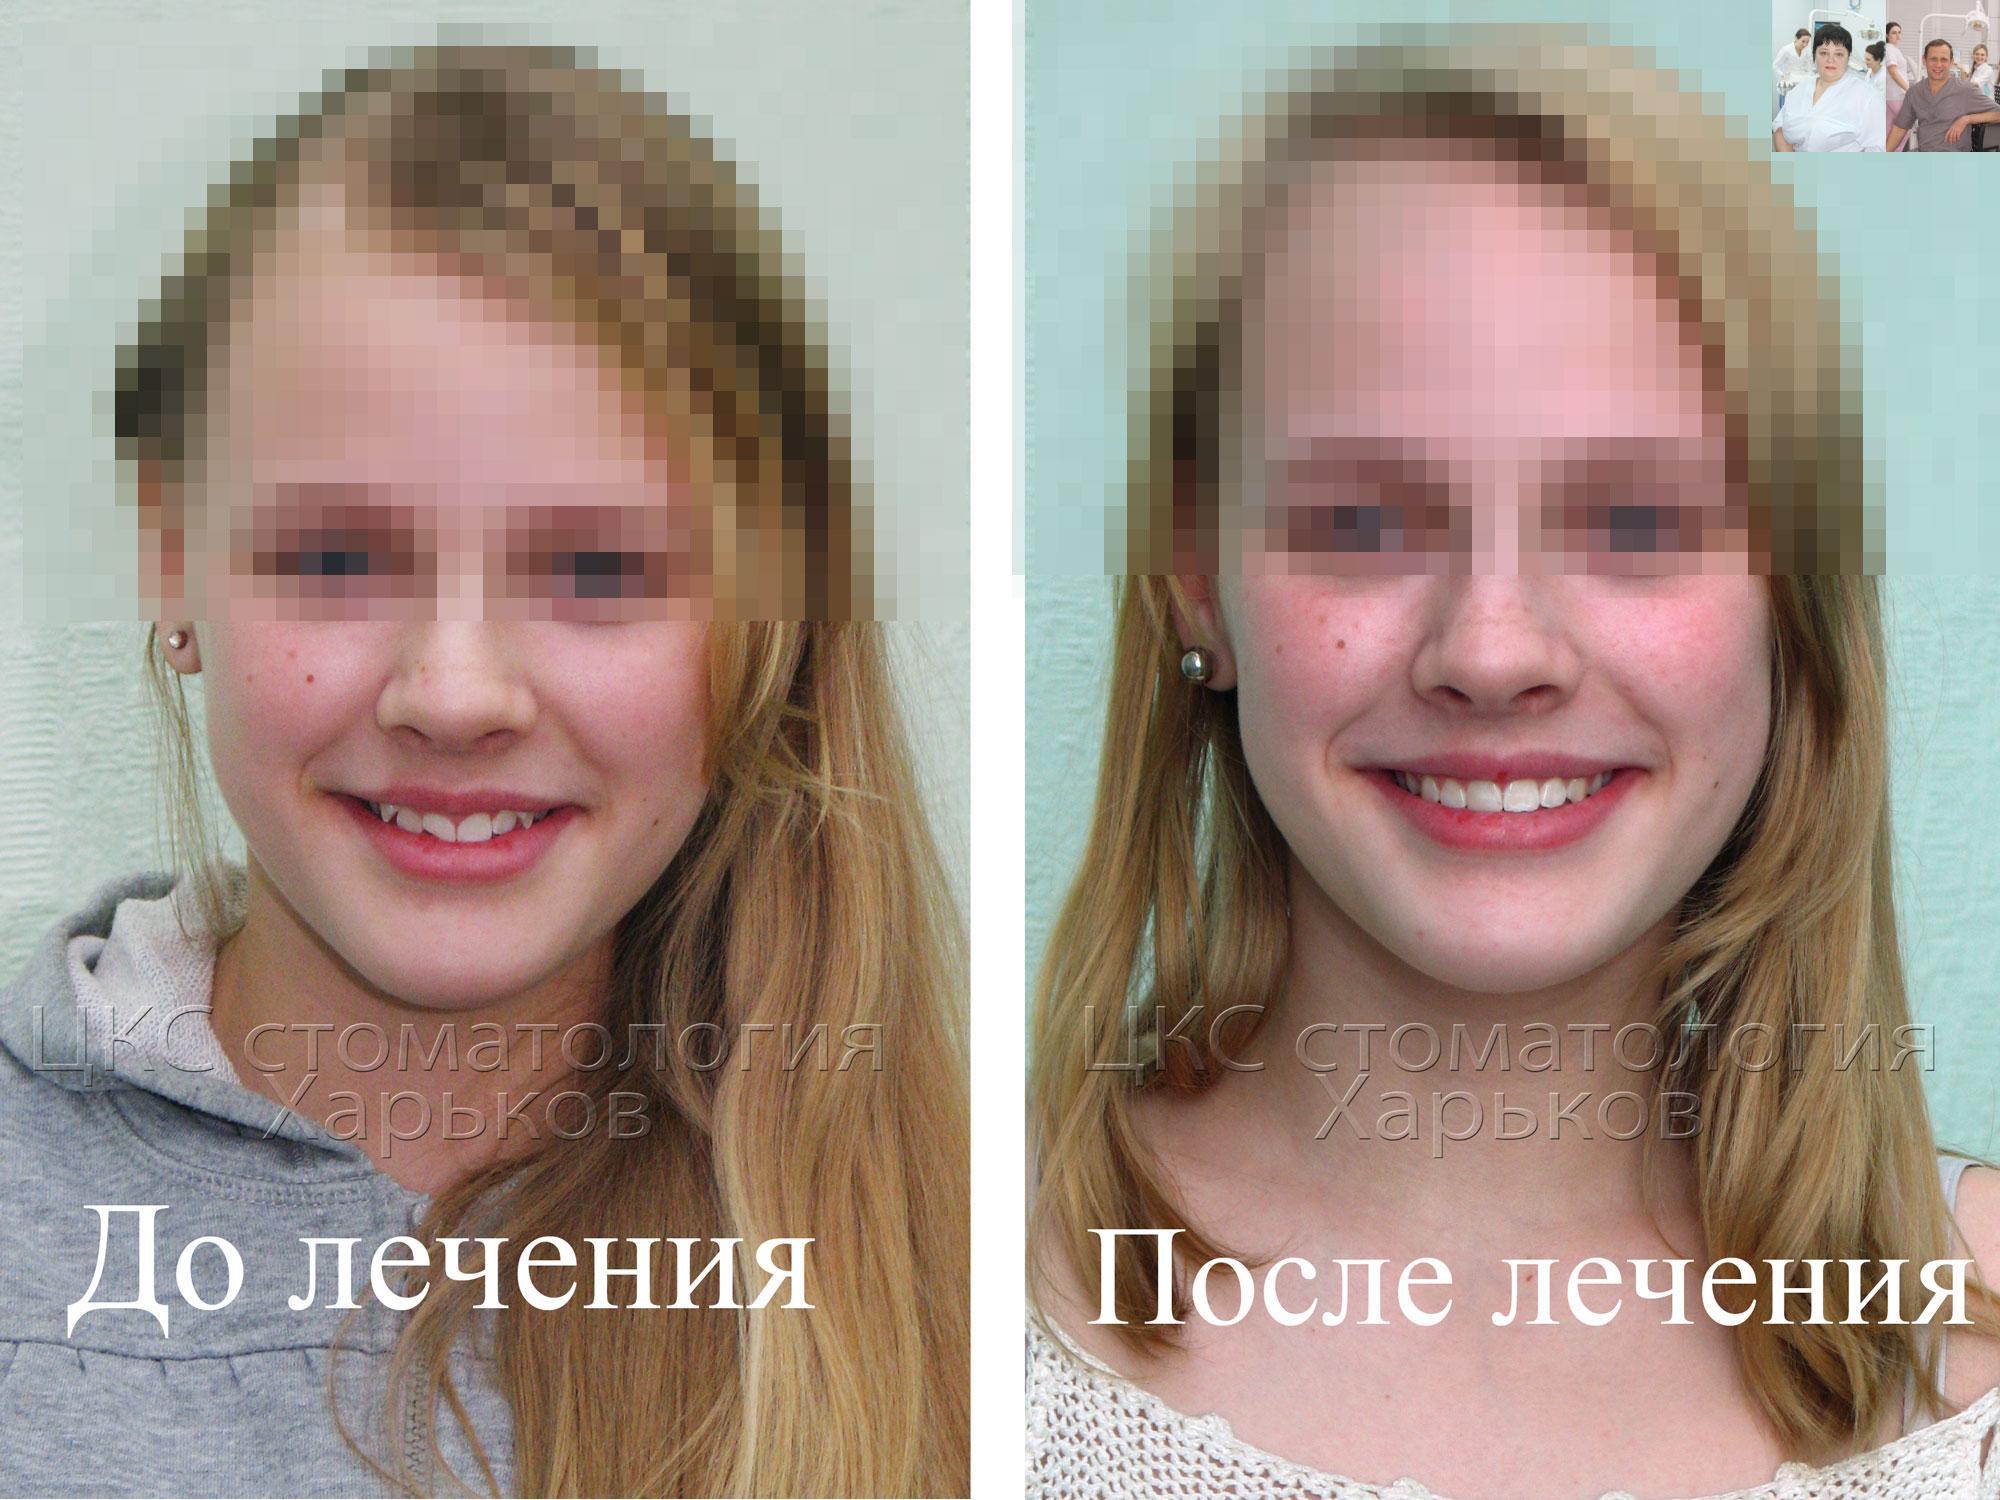 Фото улыбки пациента до и после брекетов